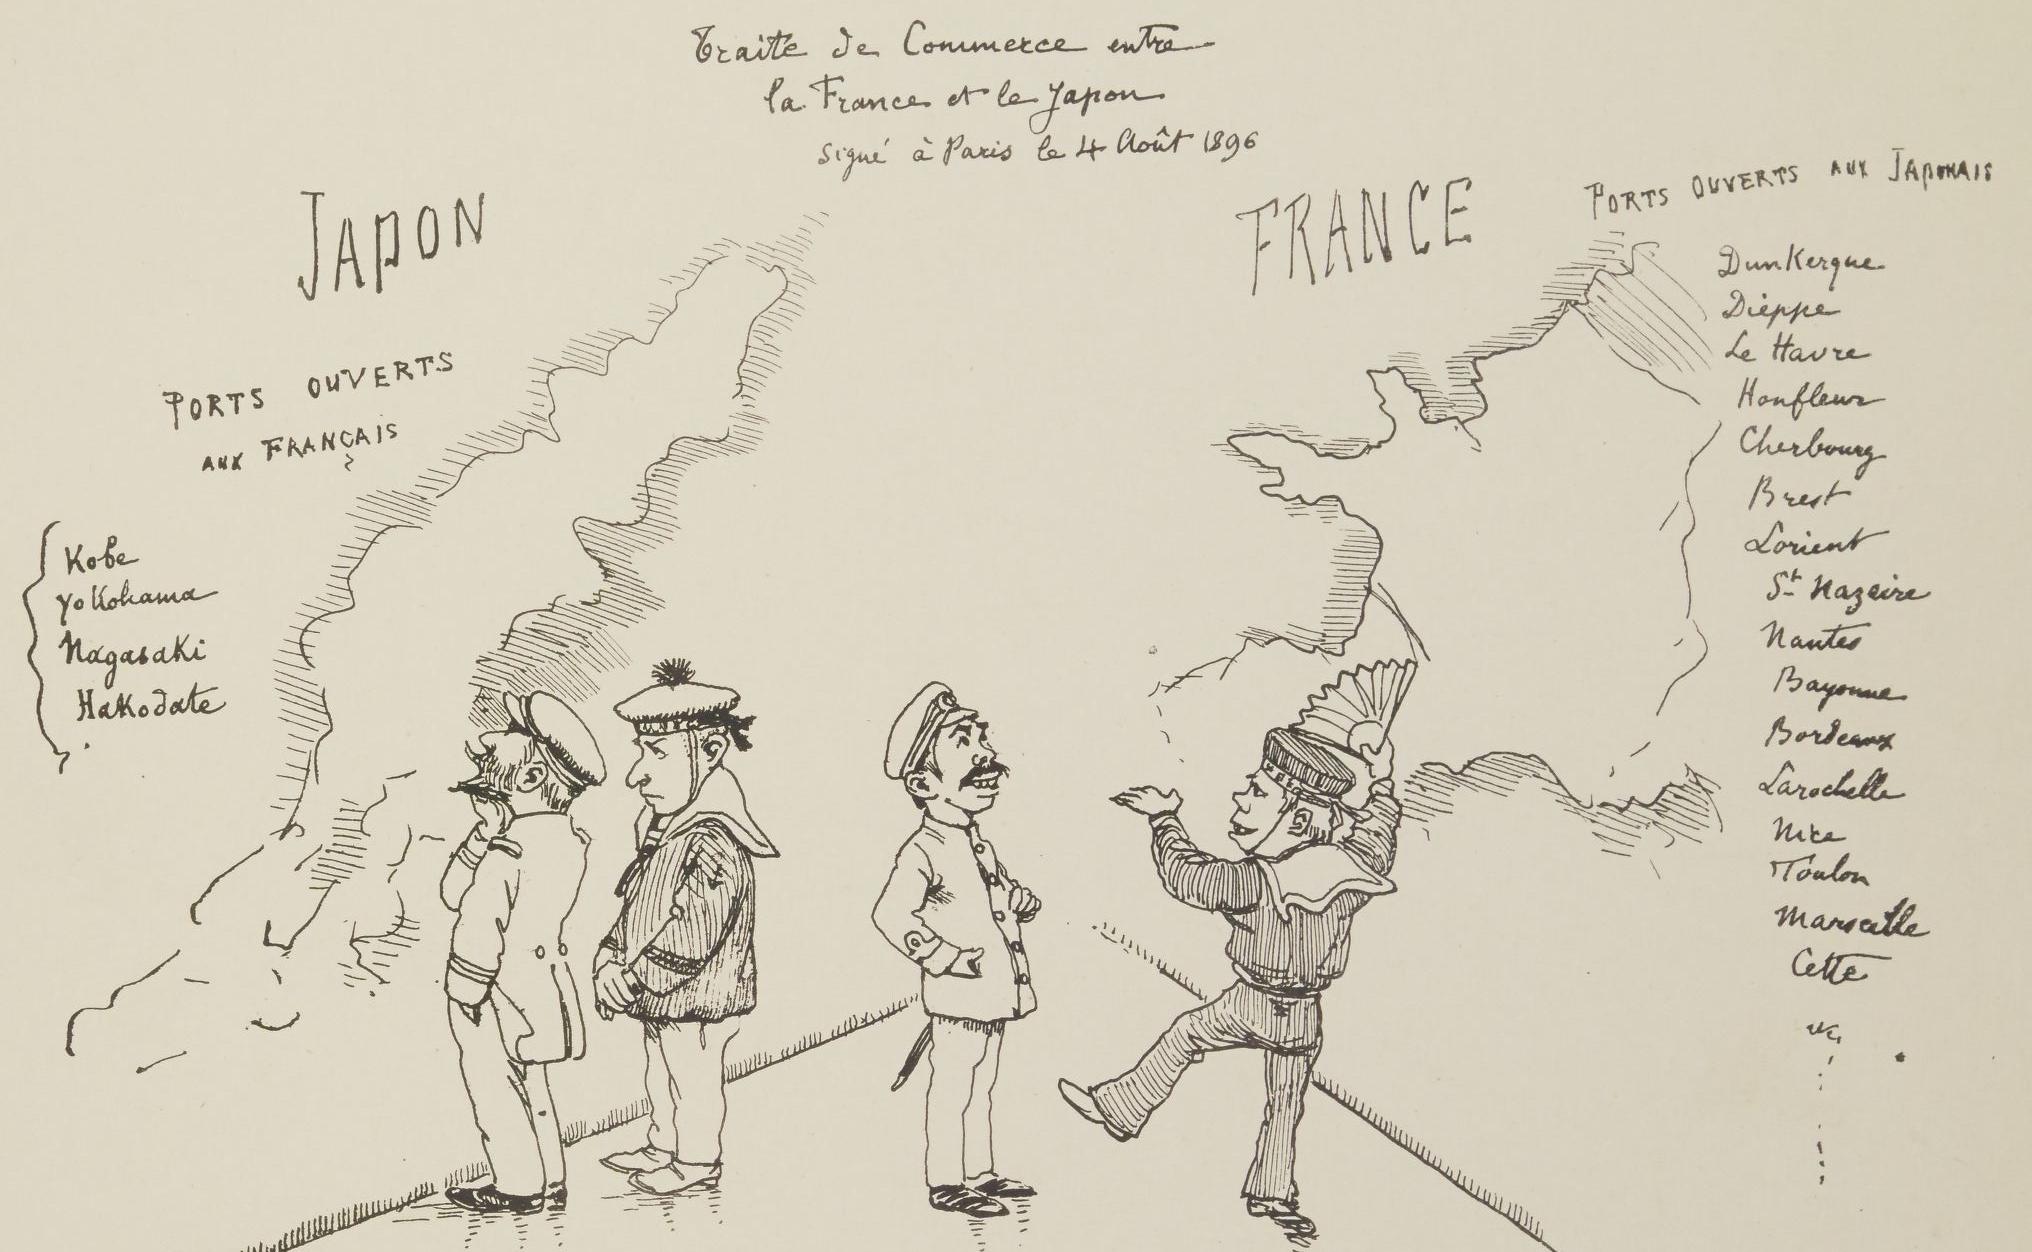 G-F. Bigot, Traité de commerce entre la France et le Japon signé à Paris, le 4 août 1896. 4-O2-117